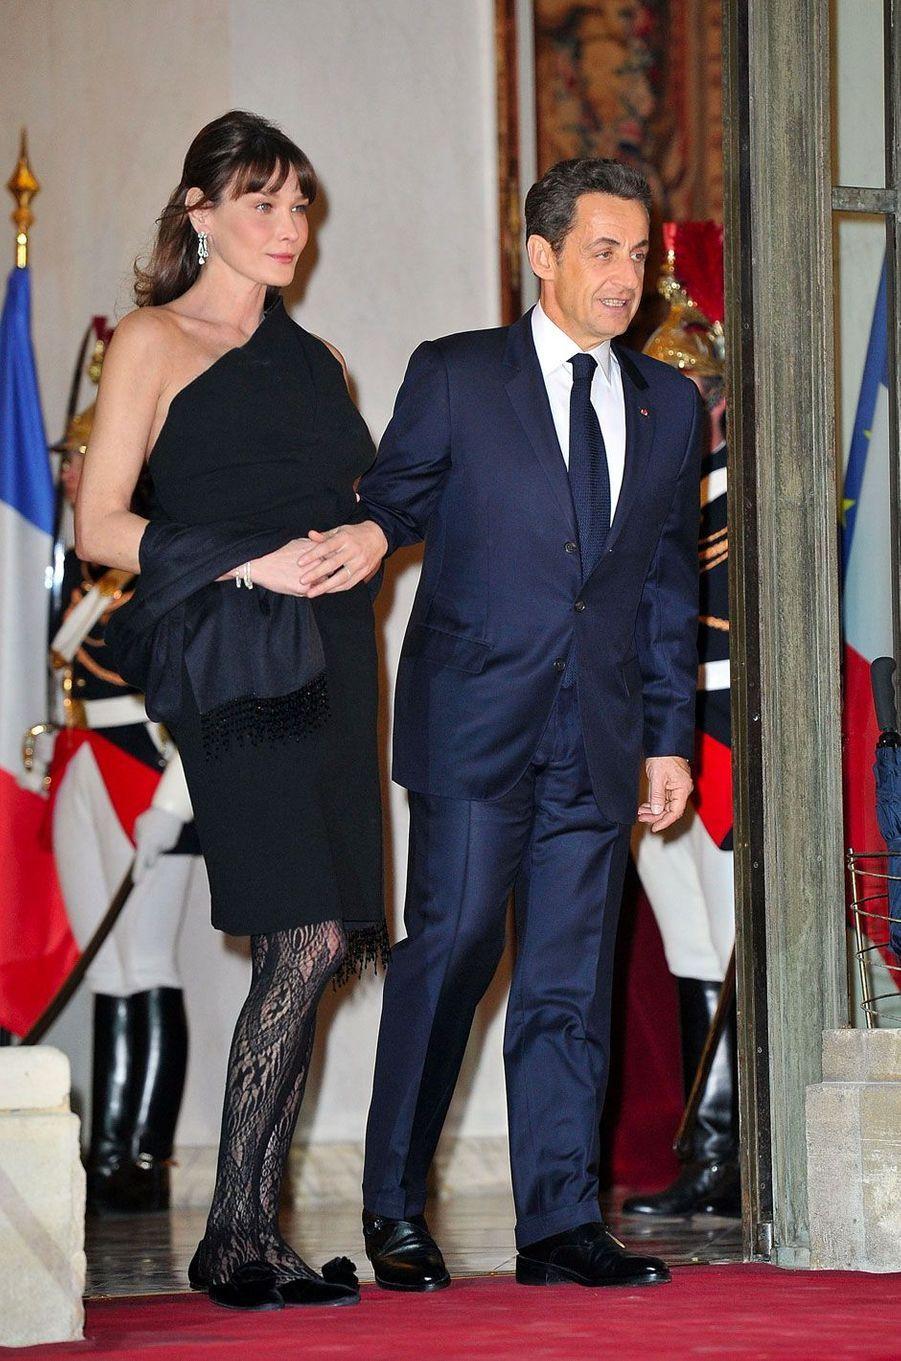 Nicolas Sarkozy et Carla Bruni à l'Élysée le 2 mars 2011